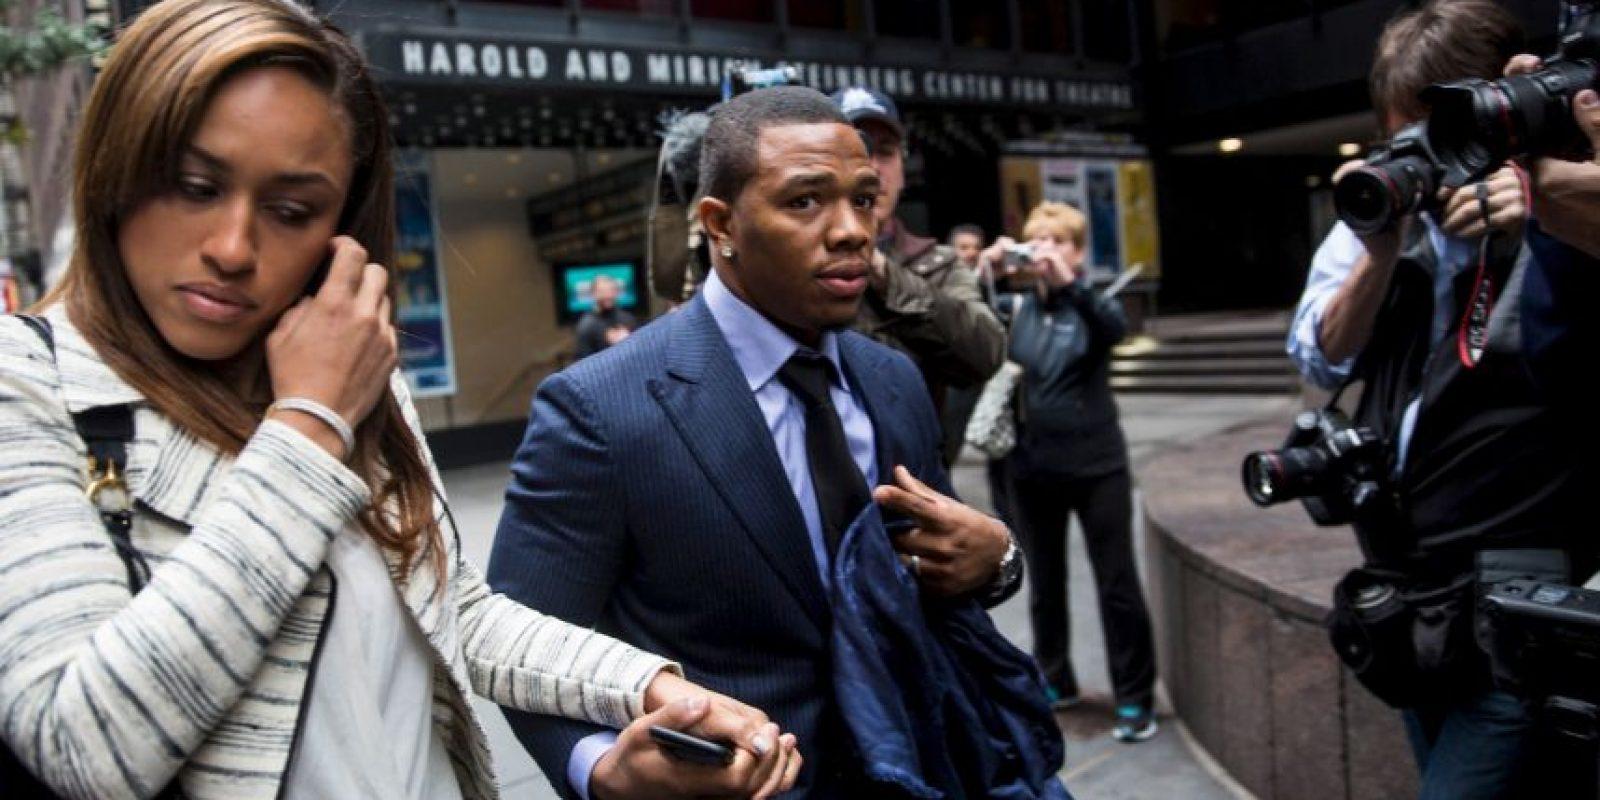 Fue otro de los escándalos de la NFL en 2014. El jugador de los cuervos de Baltimore fue captado por un video golpeando a su esposa (cuando era su novia) en un elevador. Las imágenes le dieron la vuelta al mundo y el corredor fue suspendido por la Liga. Foto:Getty Images